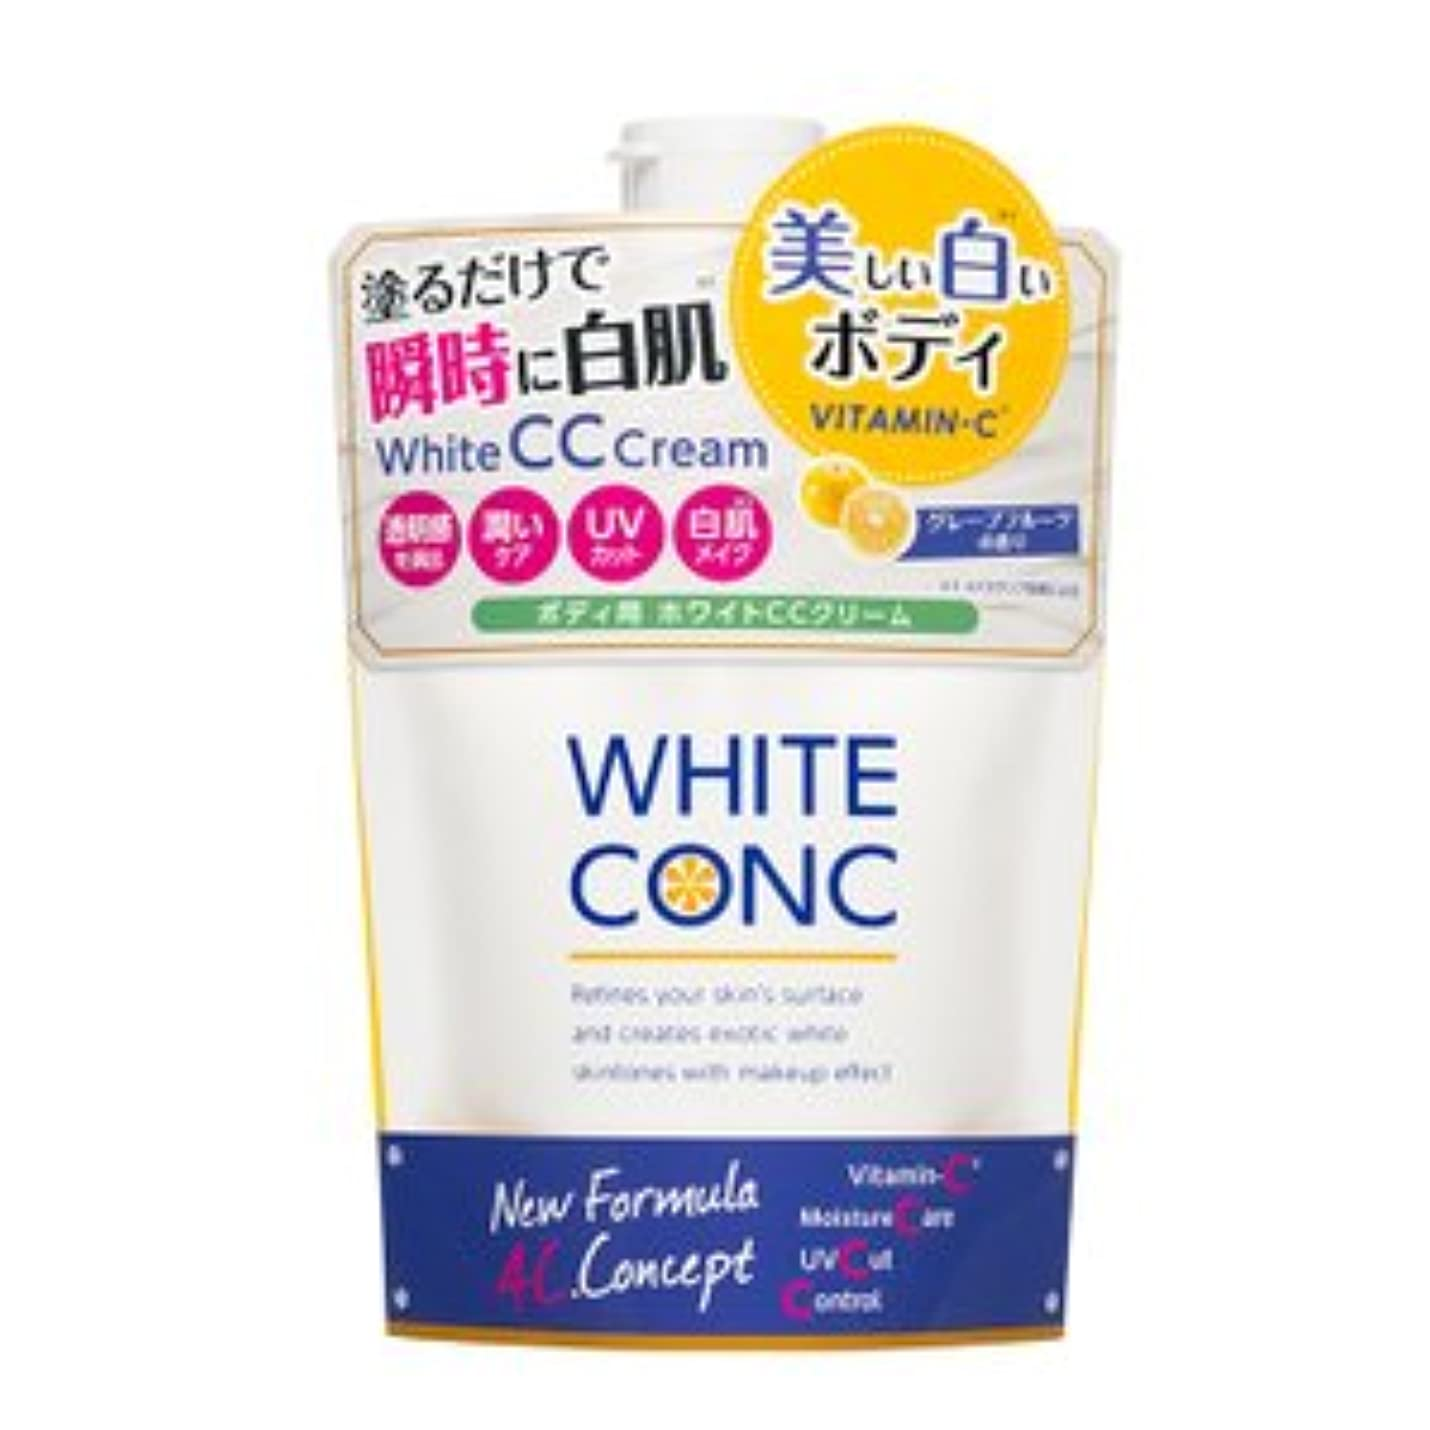 方法論前件ジョットディボンドン薬用ホワイトコンクホワイトCCクリーム 200g